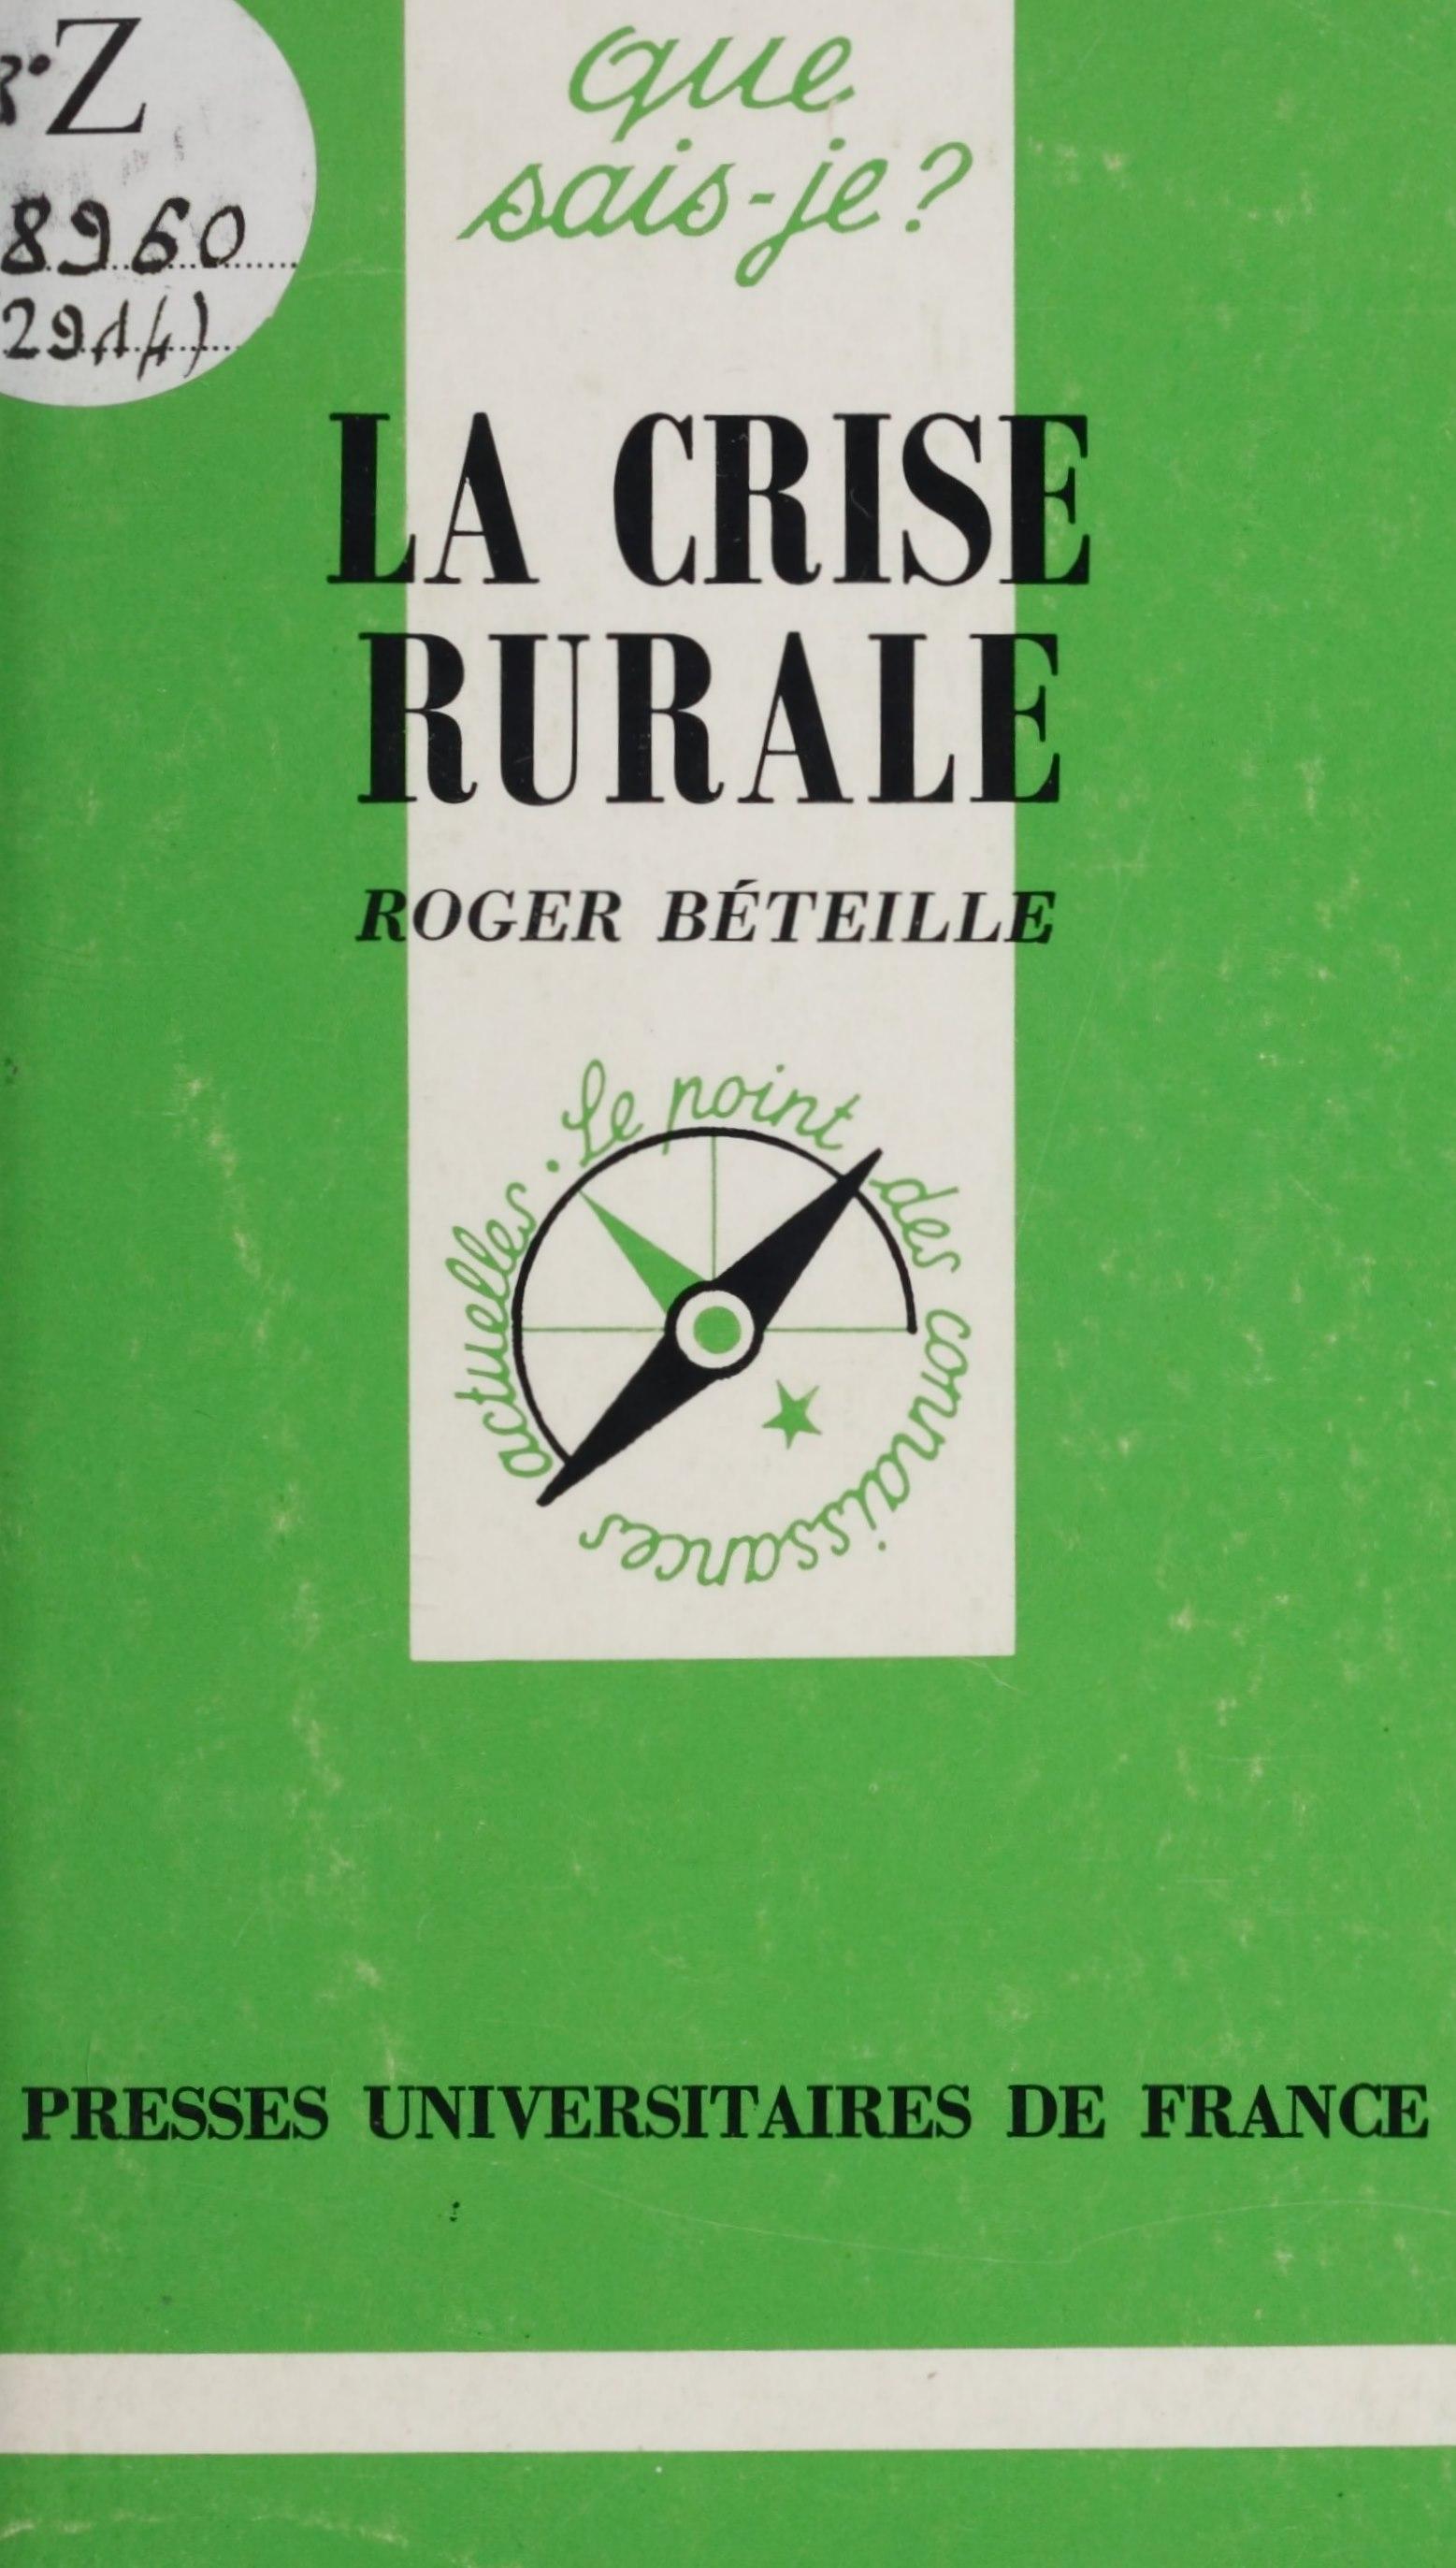 La crise rurale